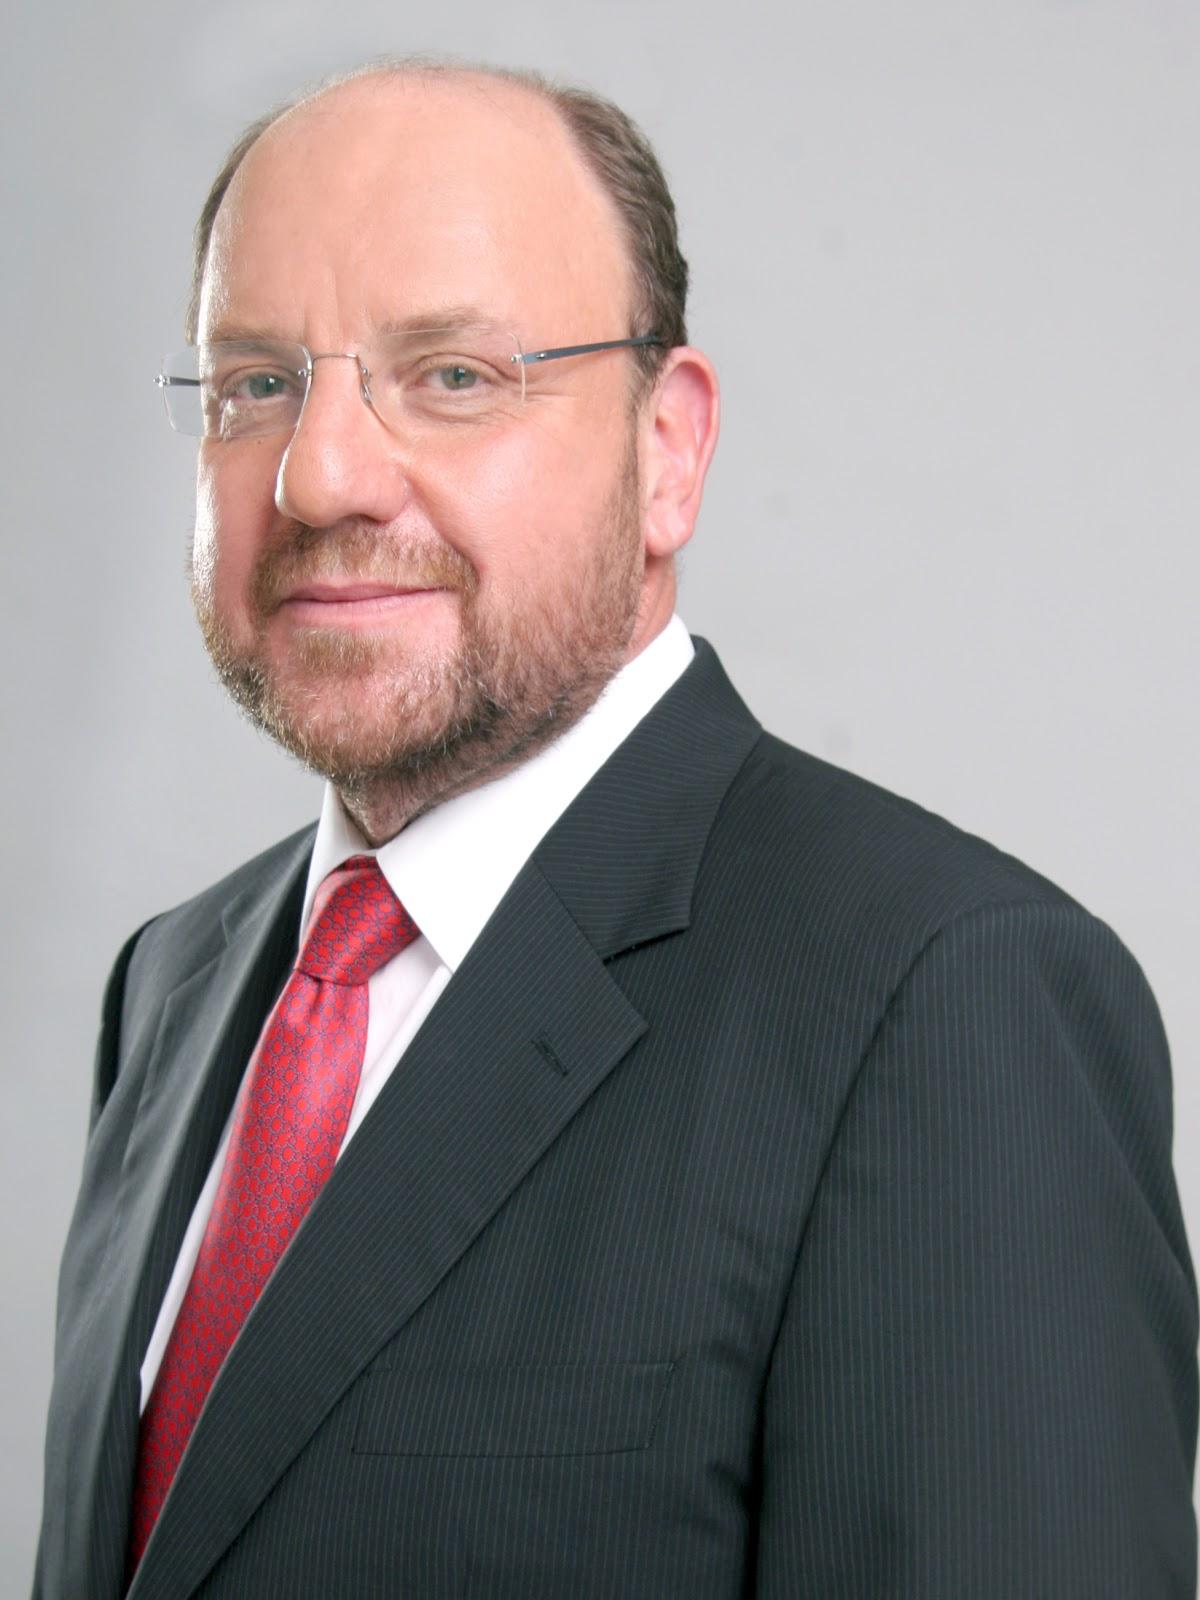 ... Alfredo Moreno. O ministro apresentou a situação atual que é discutida no Tribunal Internacional de Haia sobre a disputa entre Chile e Peru. - Alfredo_Moreno